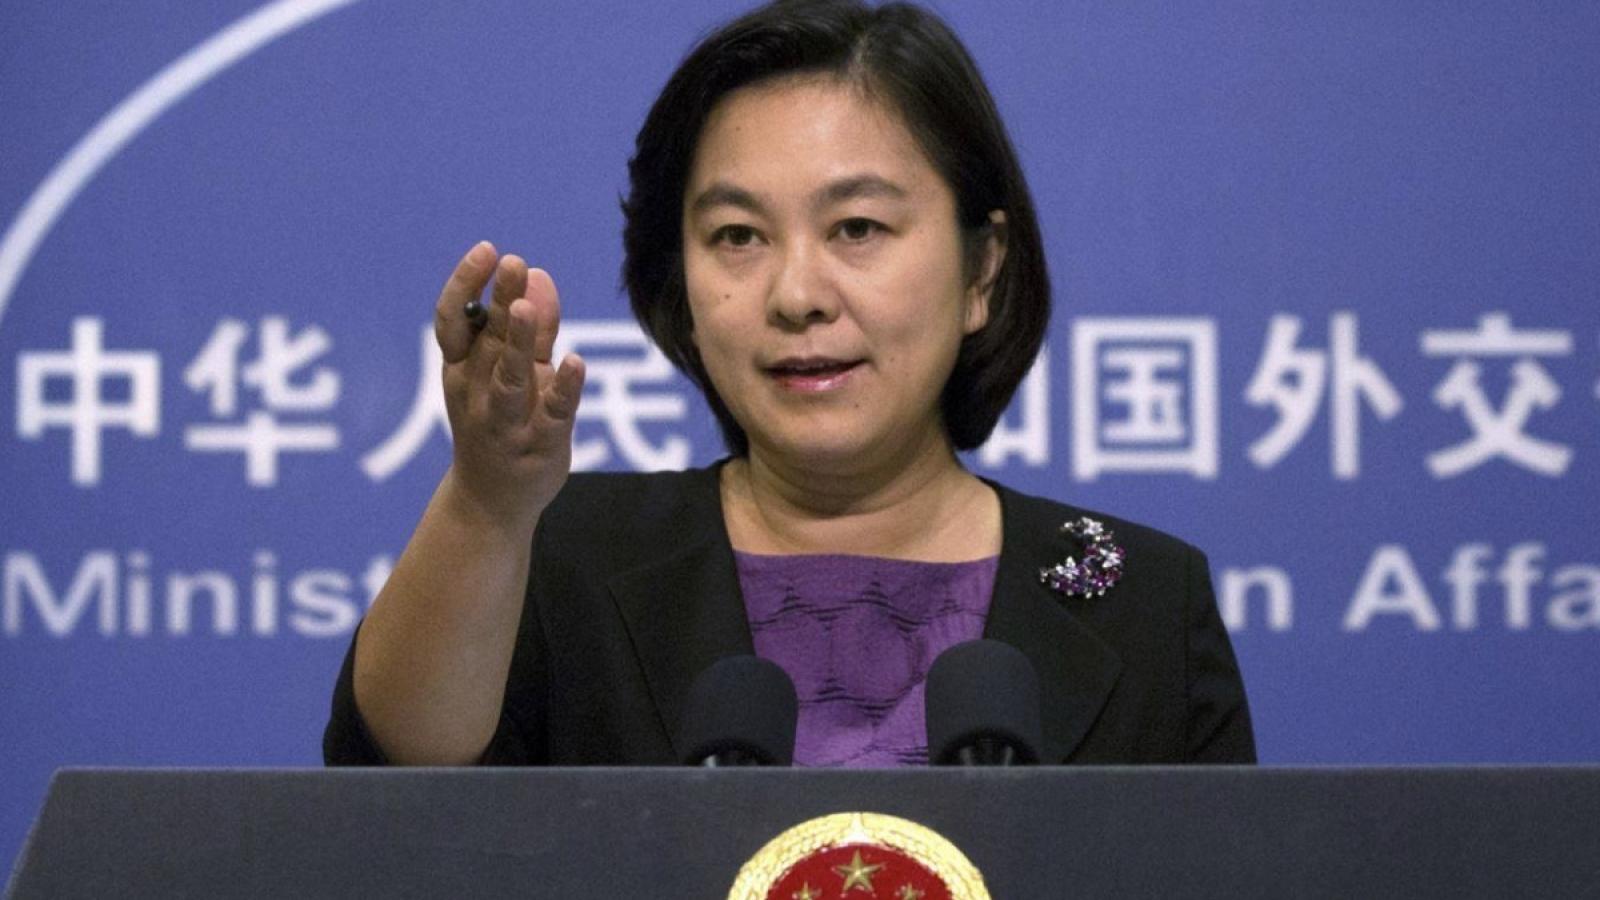 Trung Quốc đánh giá cao những thành tựu trong quan hệ thương mại song phương với Việt Nam